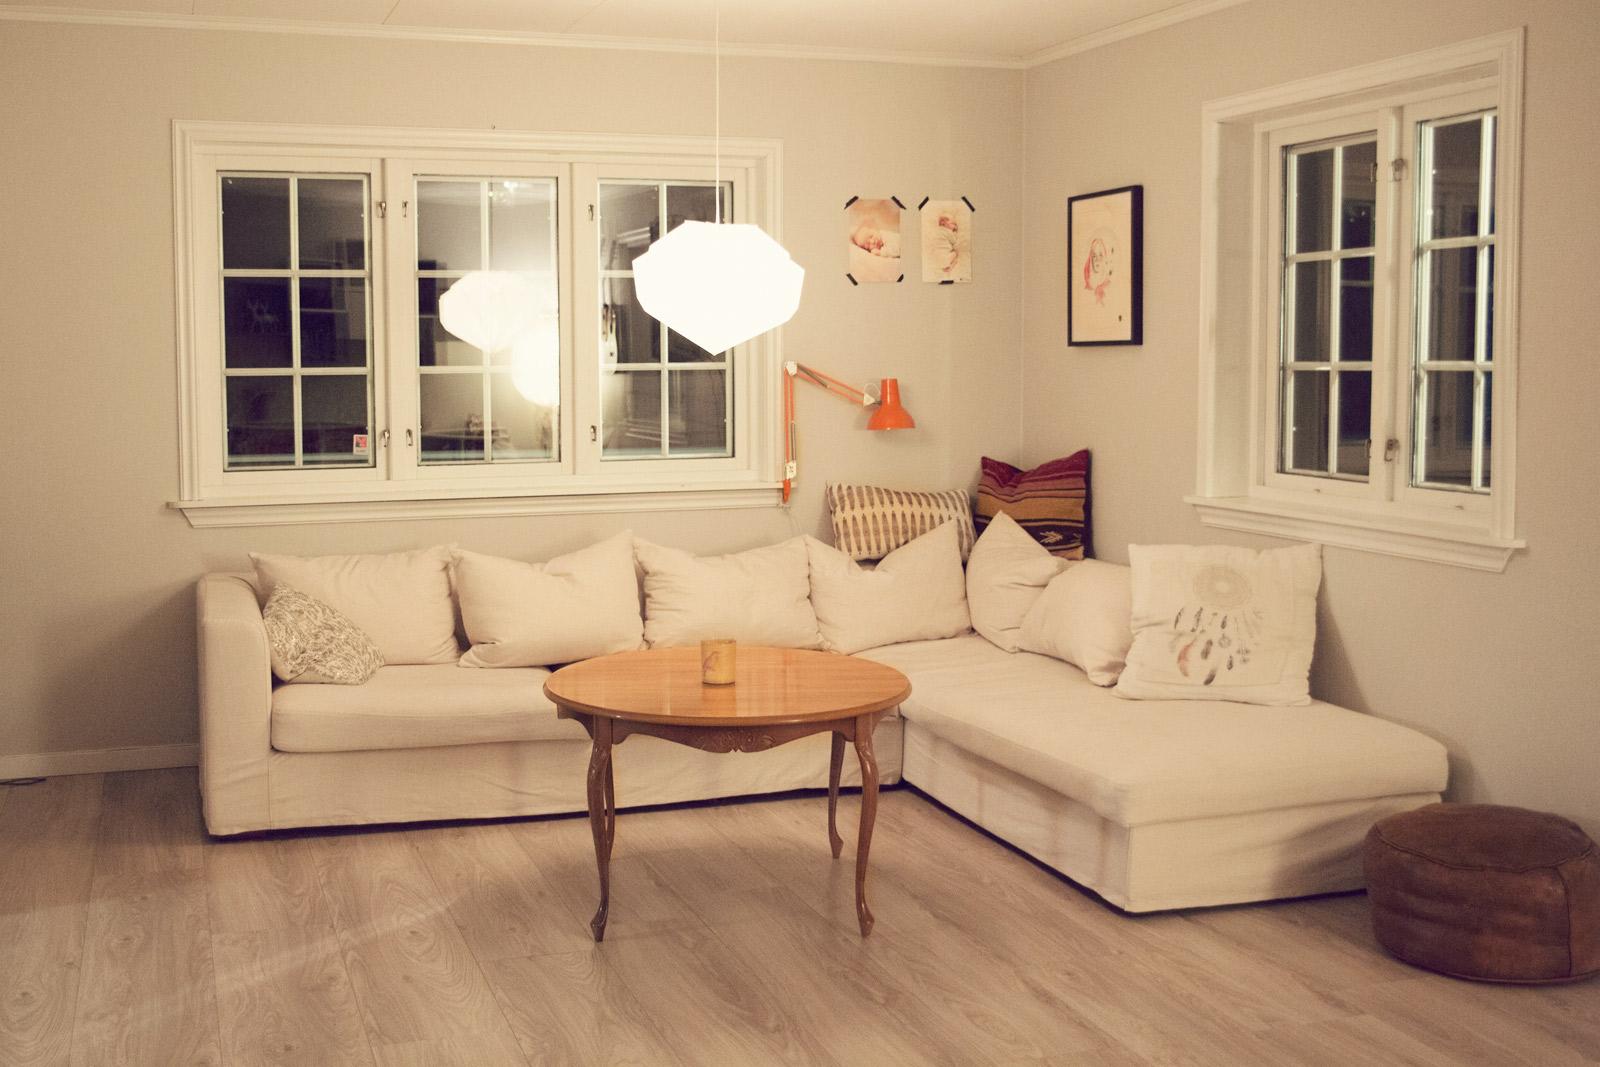 Stue Maling: Tips til et luksuriost soverom. Hjemme hos jotuns ...